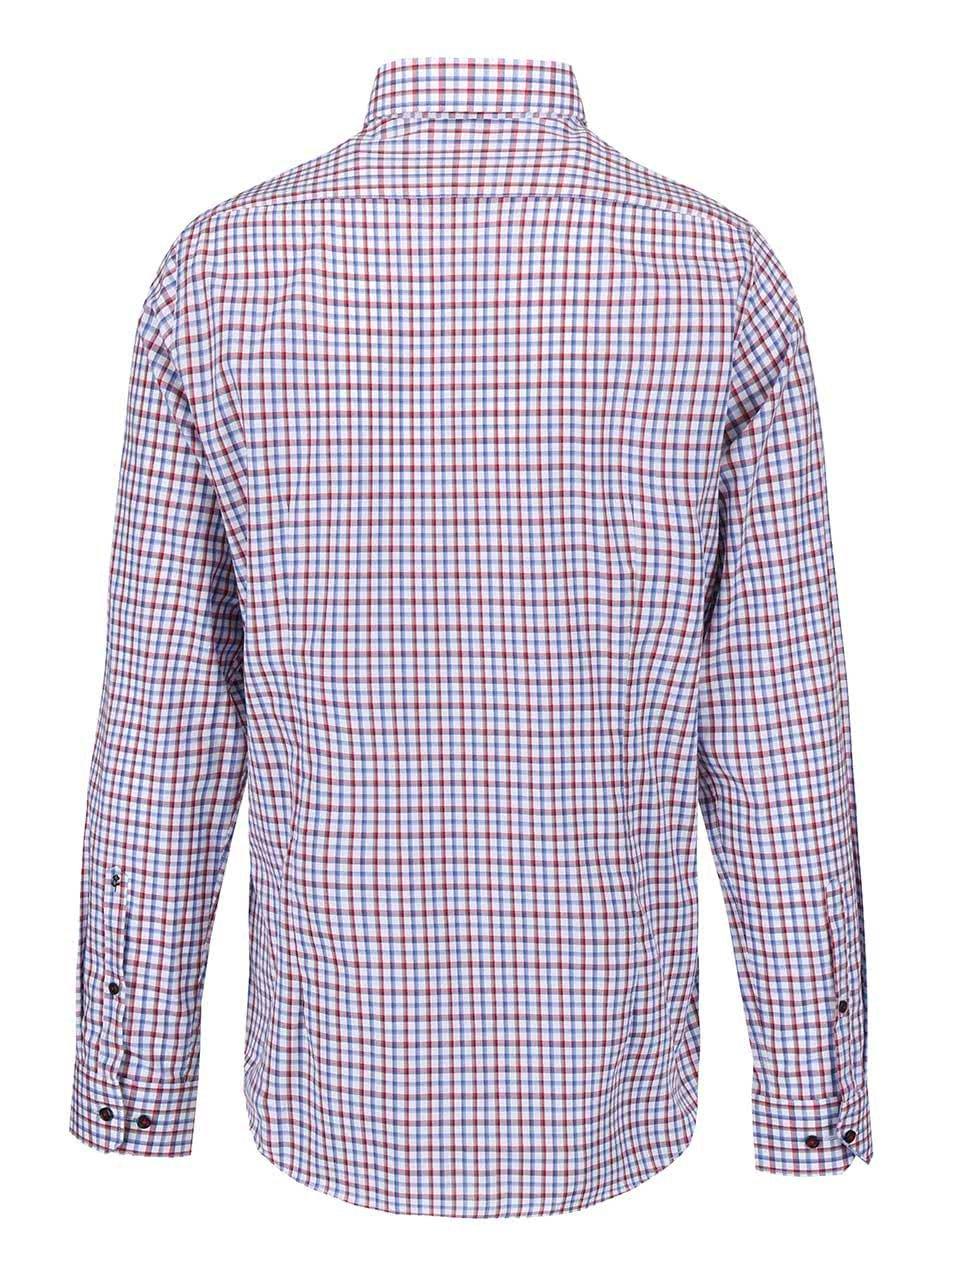 3ce5601a162b Biela košeľa s červeno-modrým károm Seidensticker Modern Kent Patch Slim  Fit ...